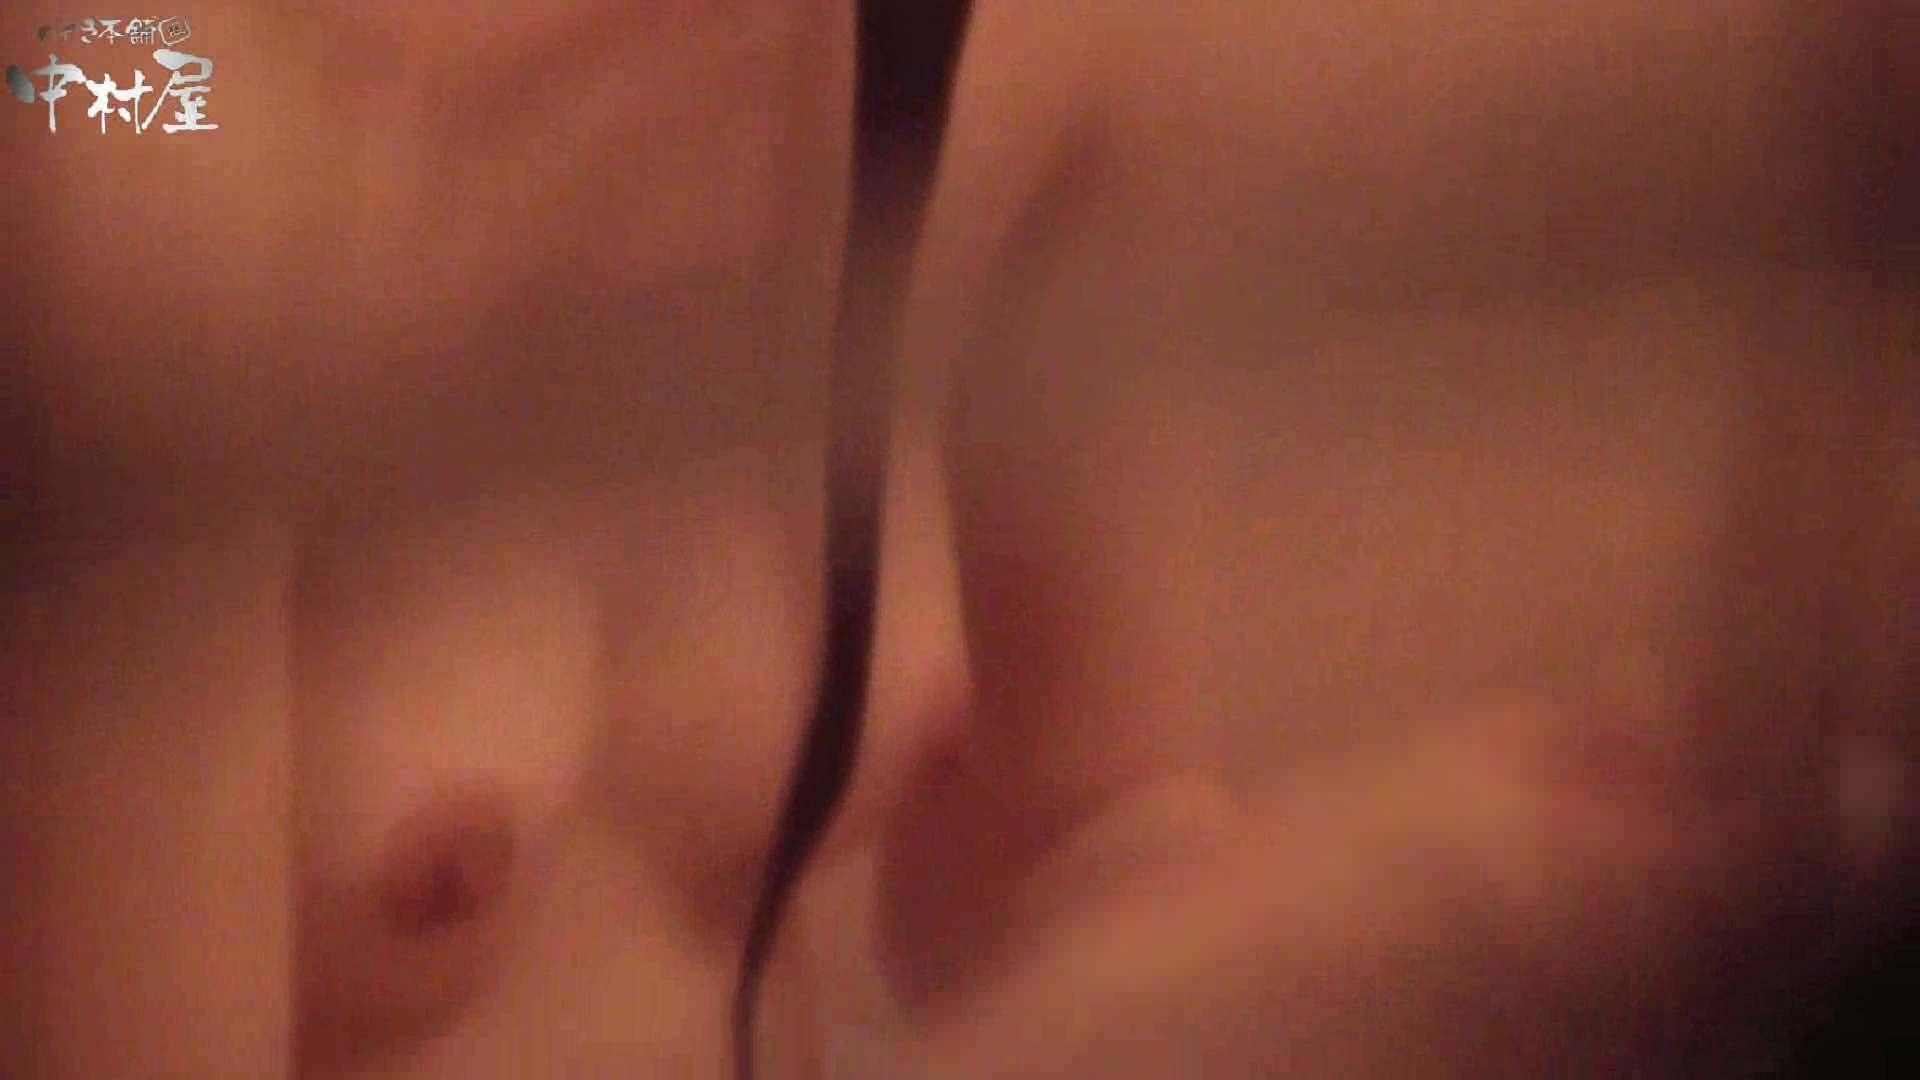 民家風呂専門盗撮師の超危険映像 vol.012 民家 アダルト動画キャプチャ 94連発 55